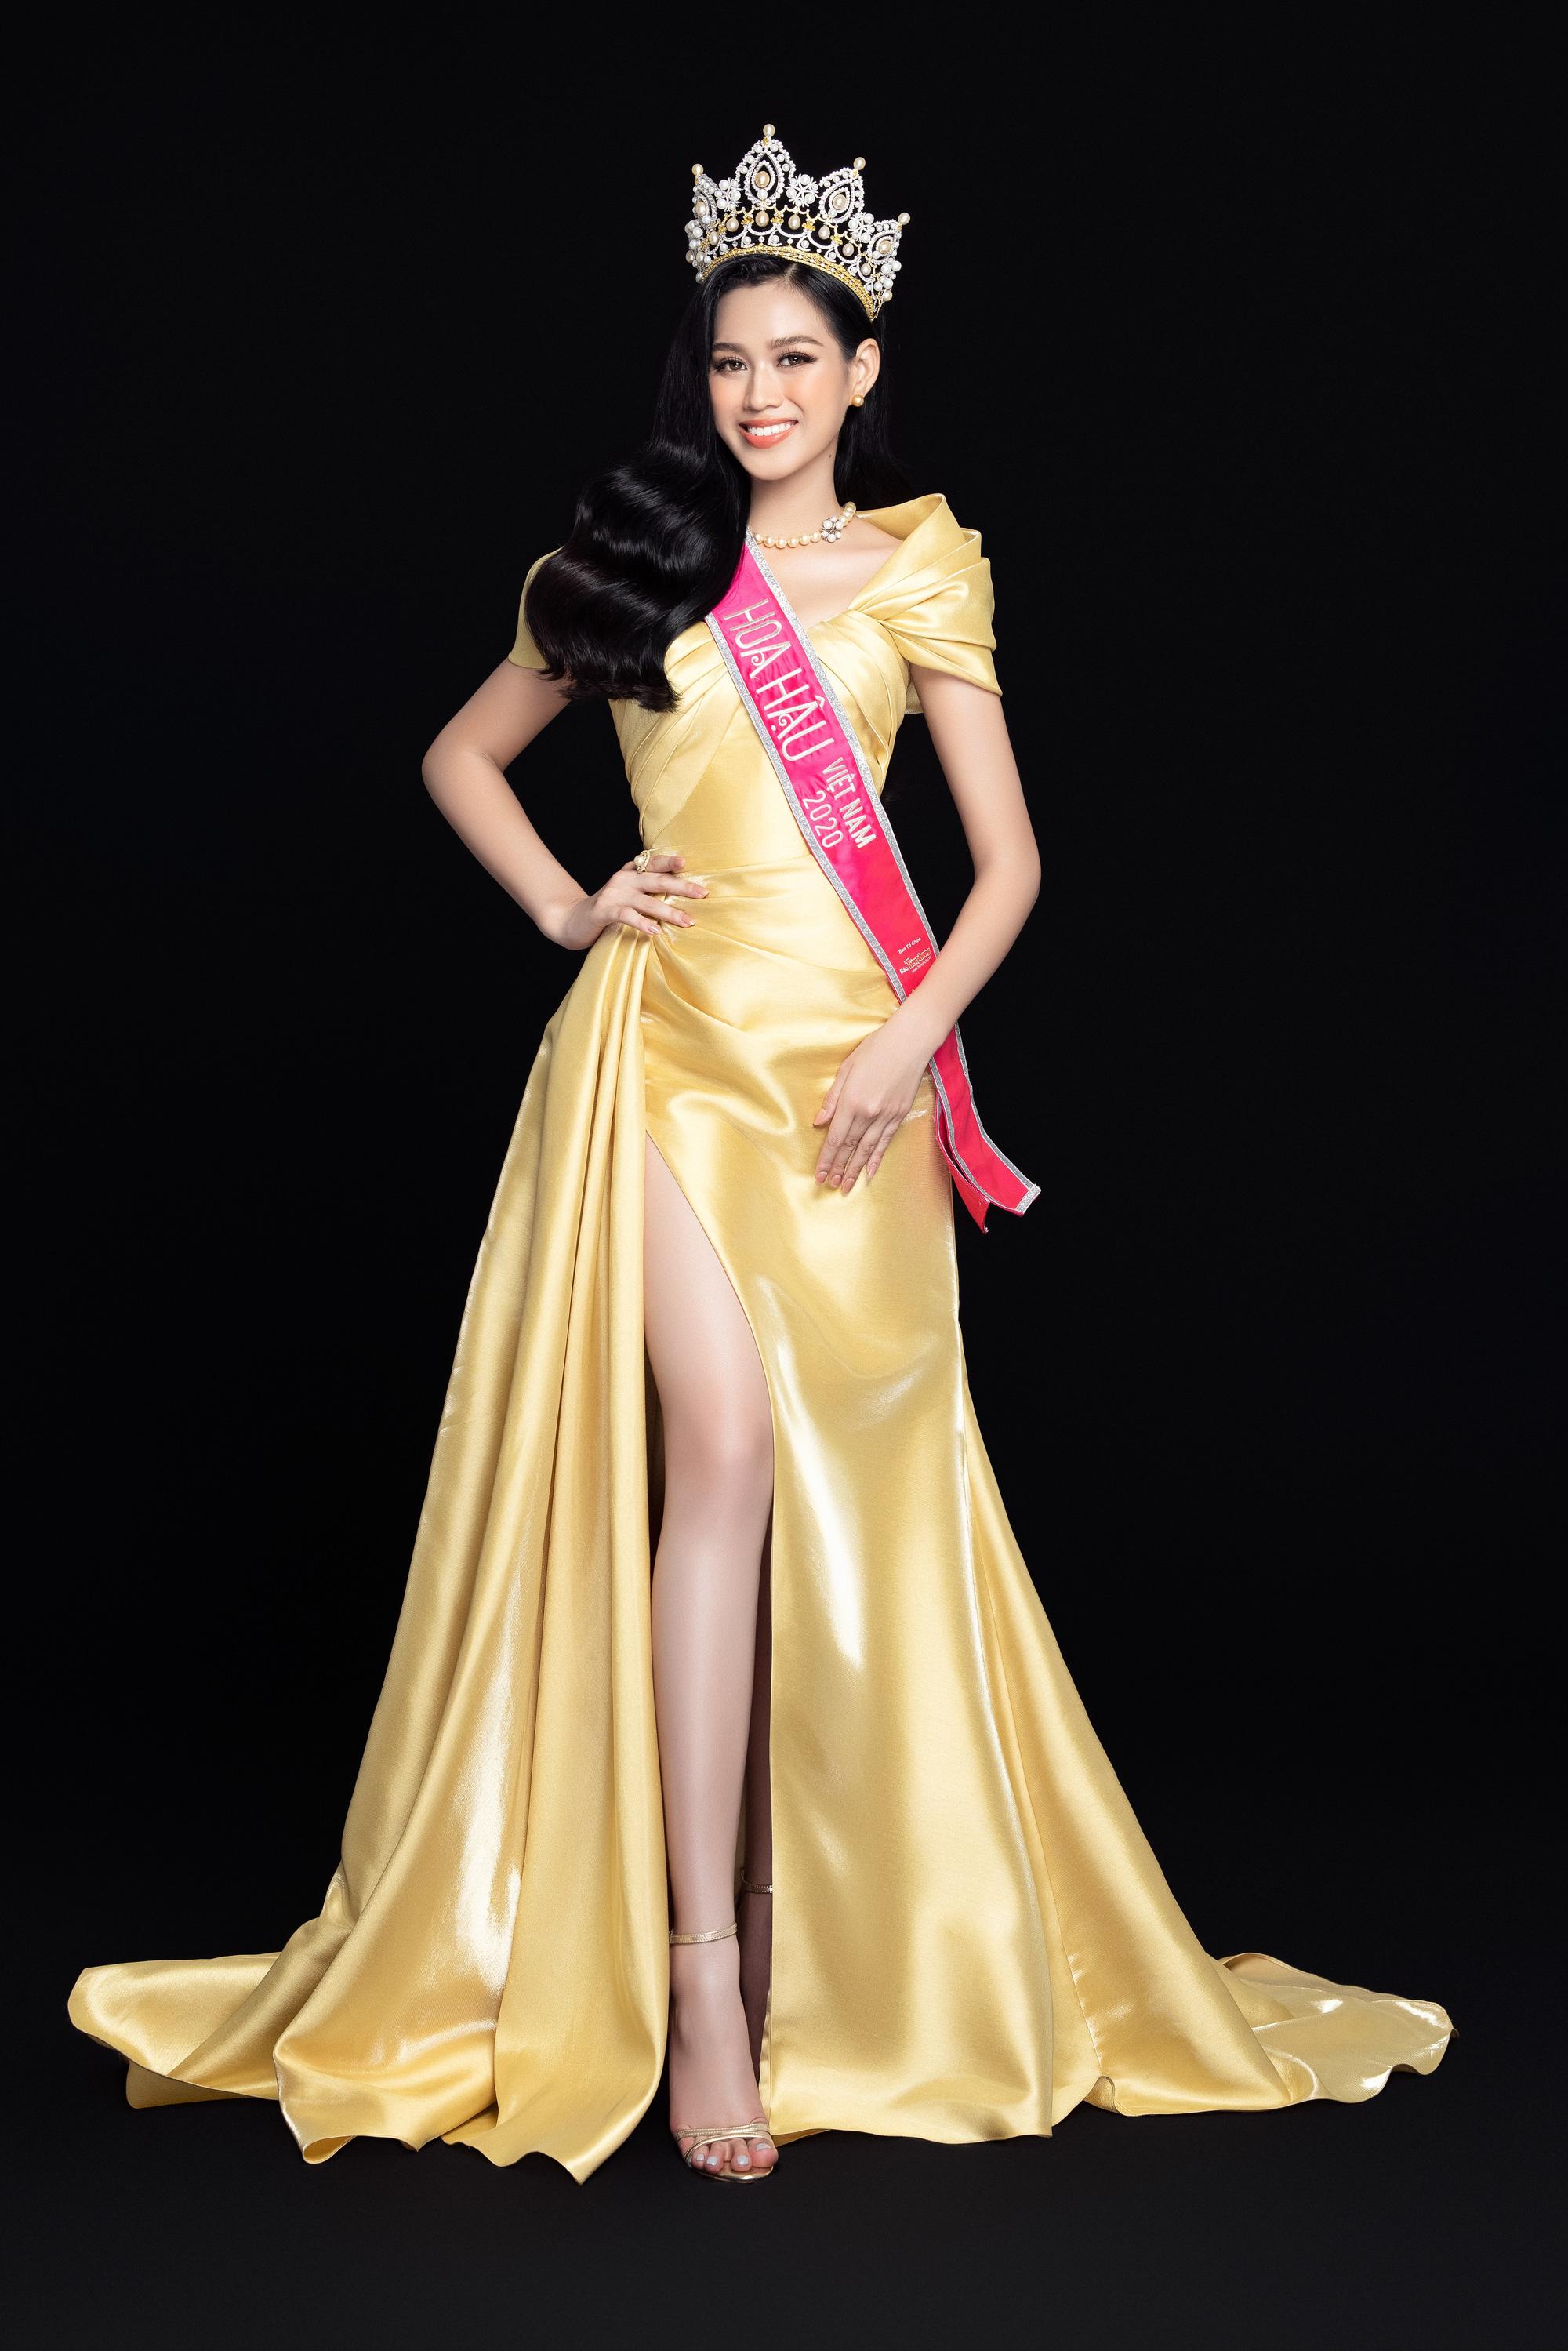 """Hoa hậu Đỗ Thị Hà: """"19 tuổi đăng quang, không phải là áp lực"""" - Ảnh 4."""